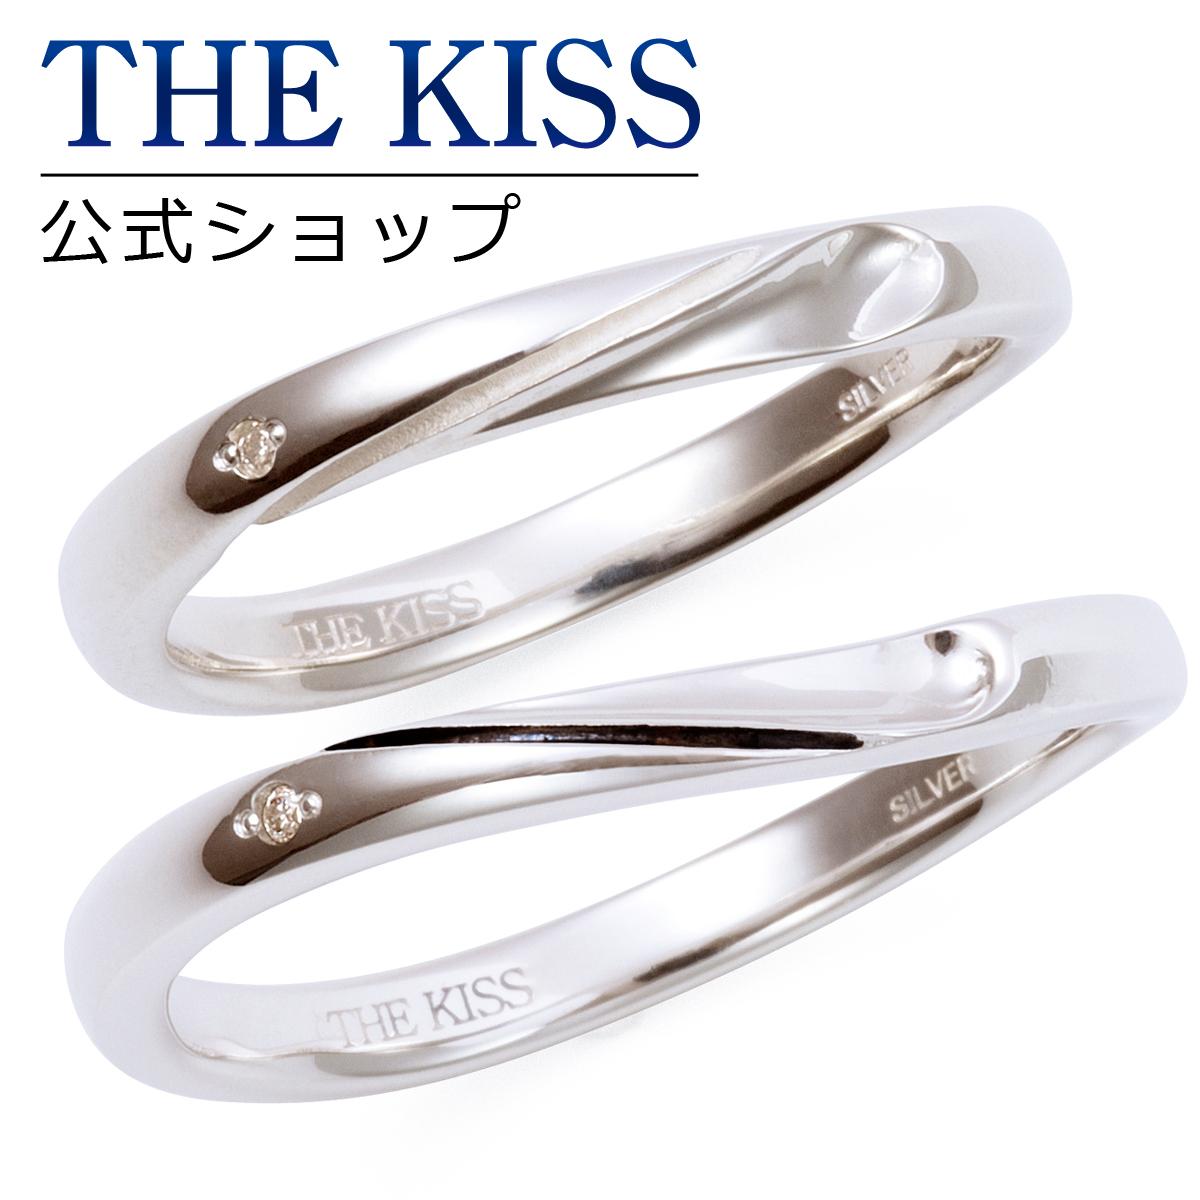 【あす楽対応】THE KISS 公式サイト シルバー ペアリング ペアアクセサリー カップル に 人気 の ジュエリーブランド THEKISS ペア リング・指輪 記念日 プレゼント SR359WHDM-360BKDM セット シンプル ザキス